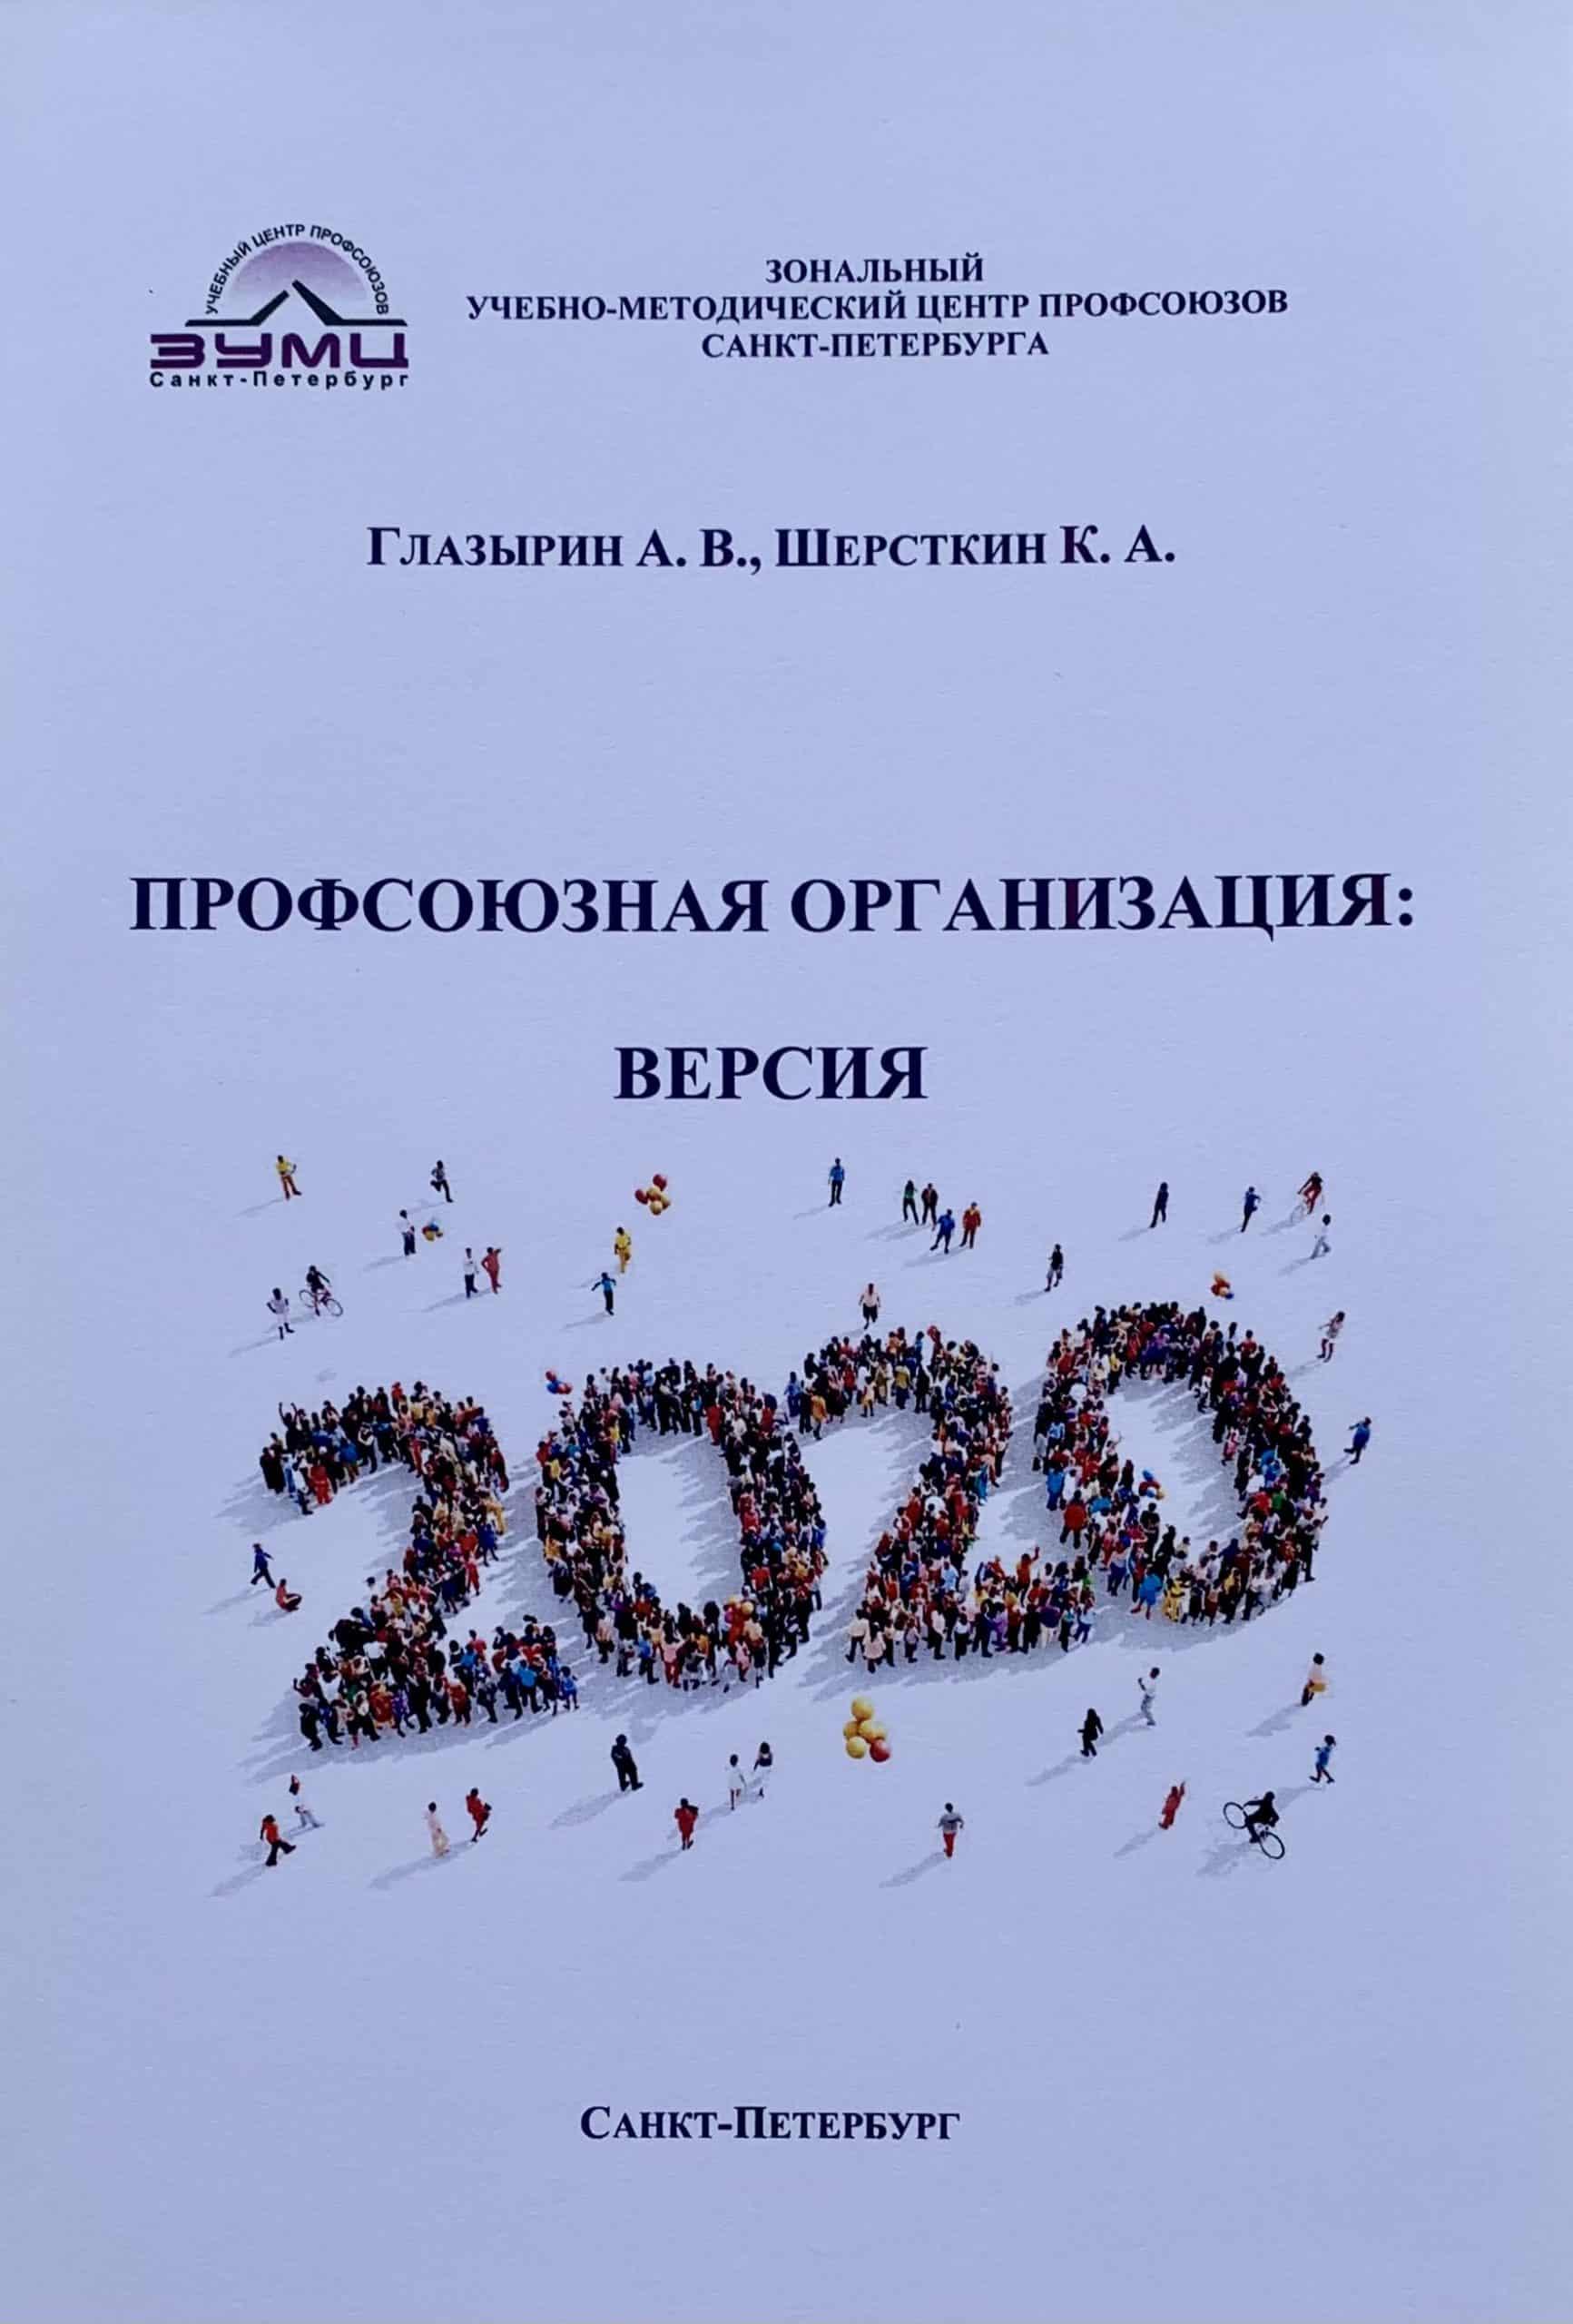 Глазырин А.В., Шерсткин К.А.